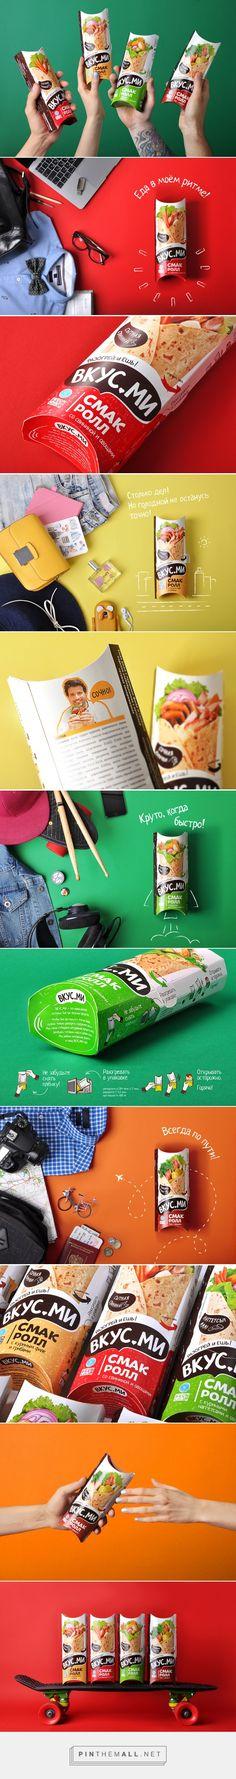 #packaging #design #package #food #box